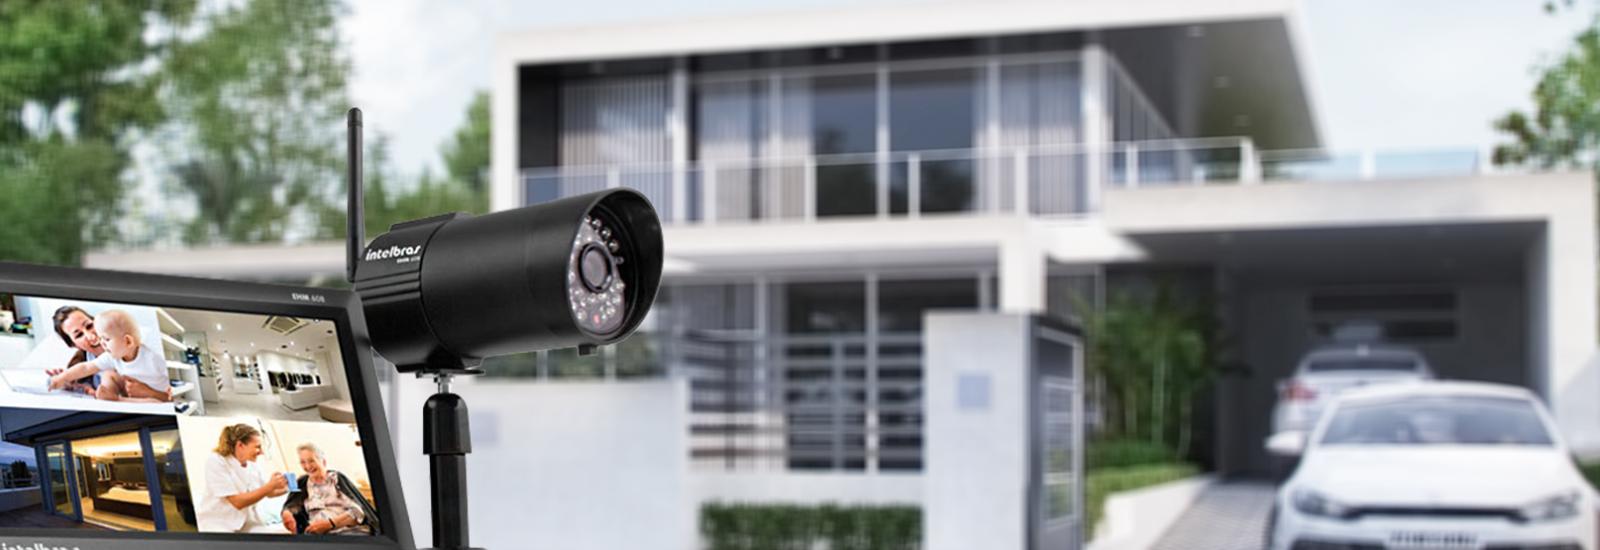 instalacion-video-vigilancia-lima-peru-1